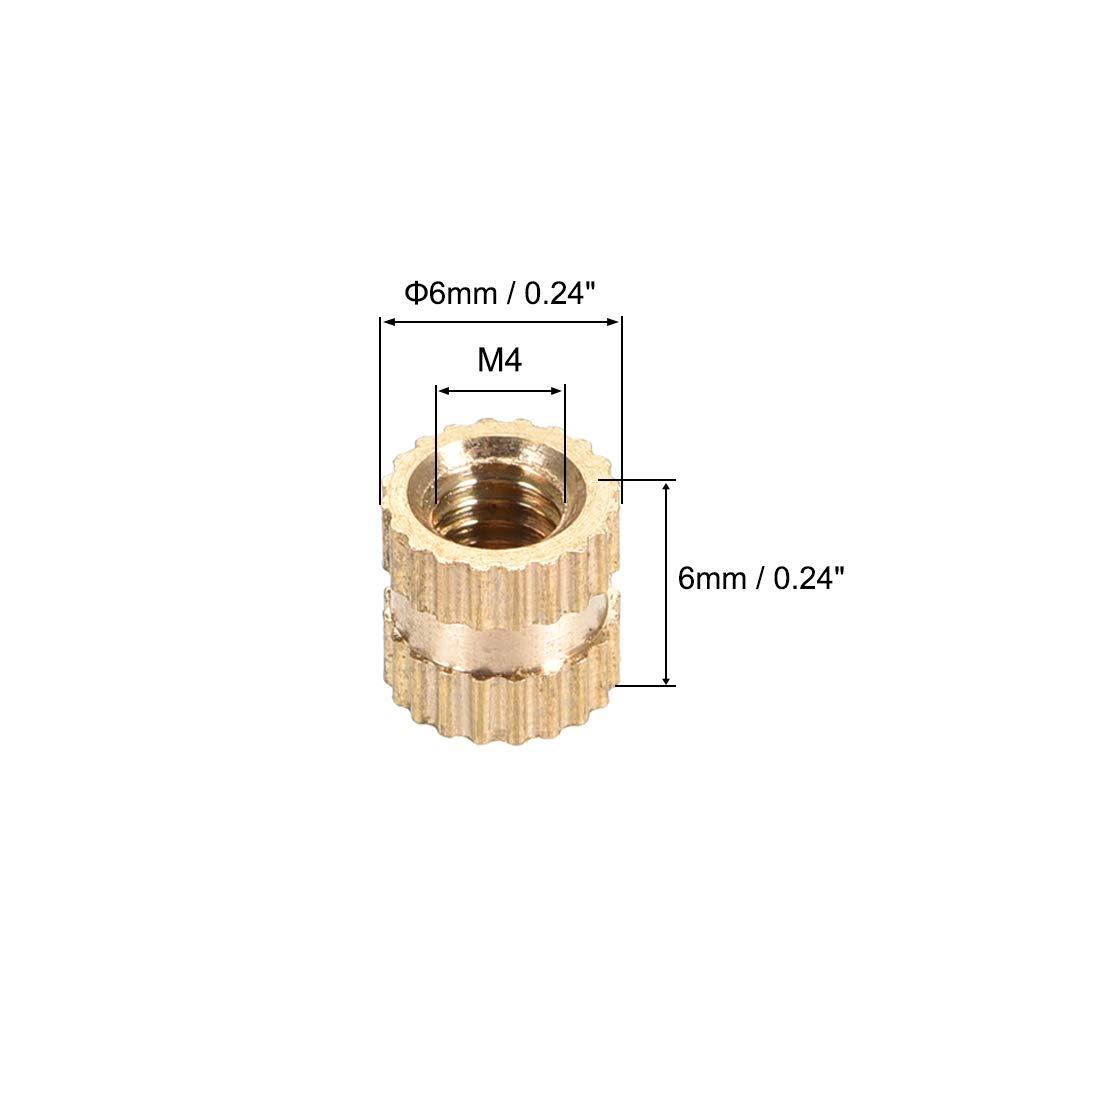 Female Thread Brass Blind Embedment Assortment Kit x 6mm M4 x 6mm uxcell Knurled Insert Nuts 50 Pcs L OD